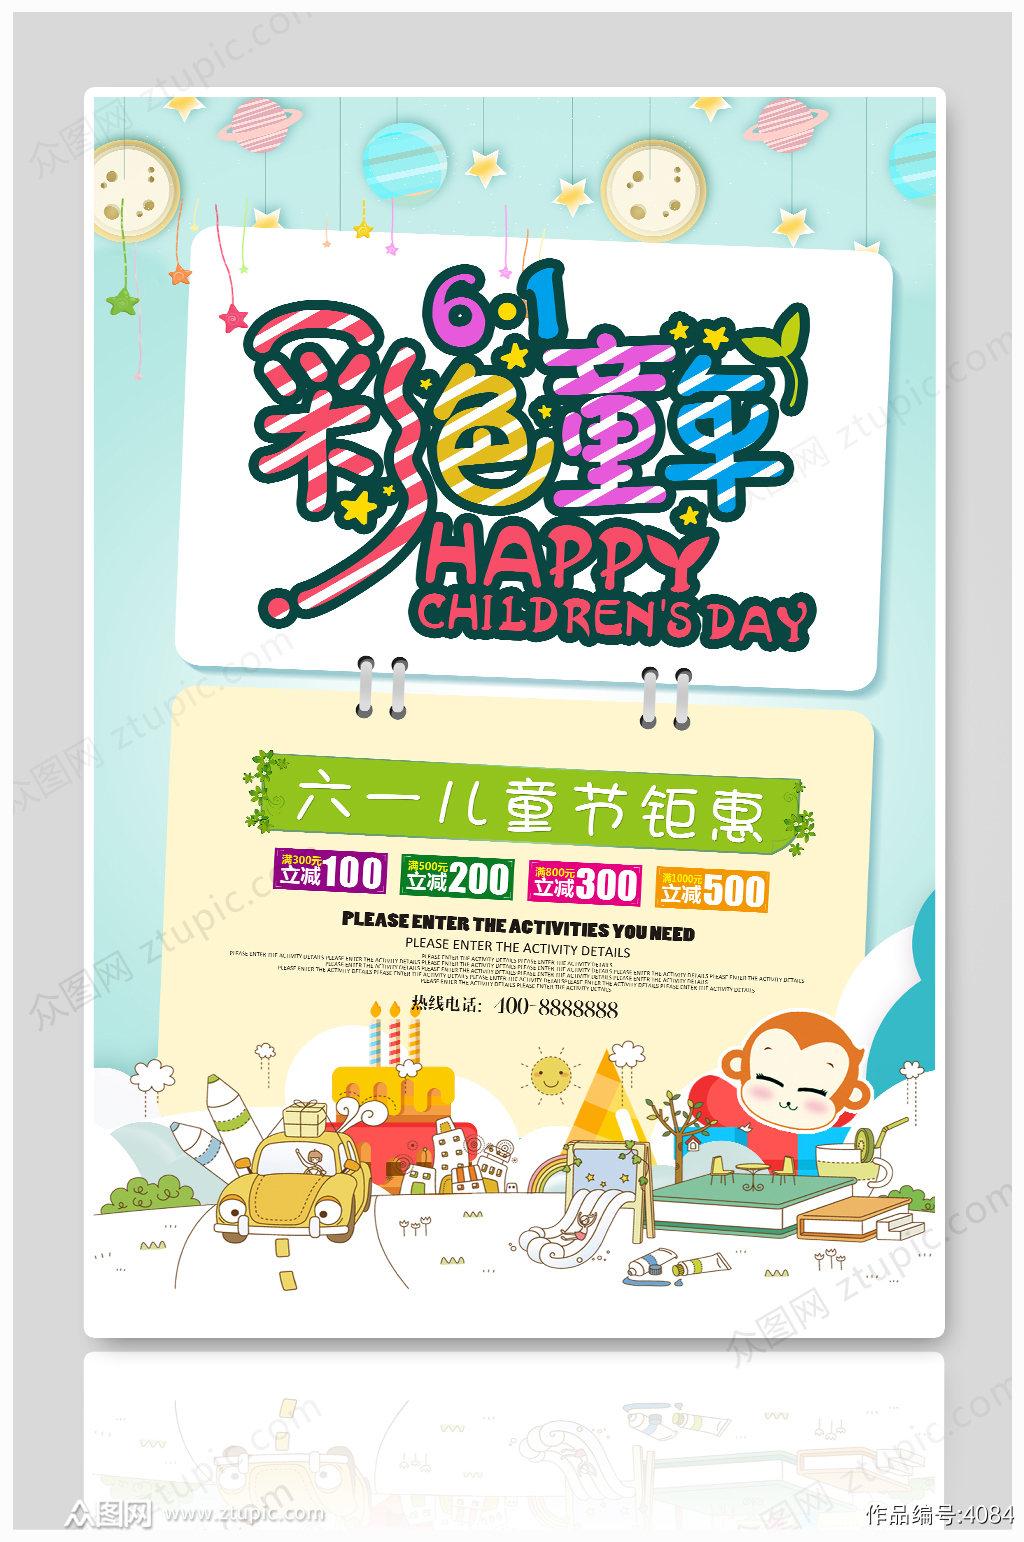 六一儿童节促销海报设计素材